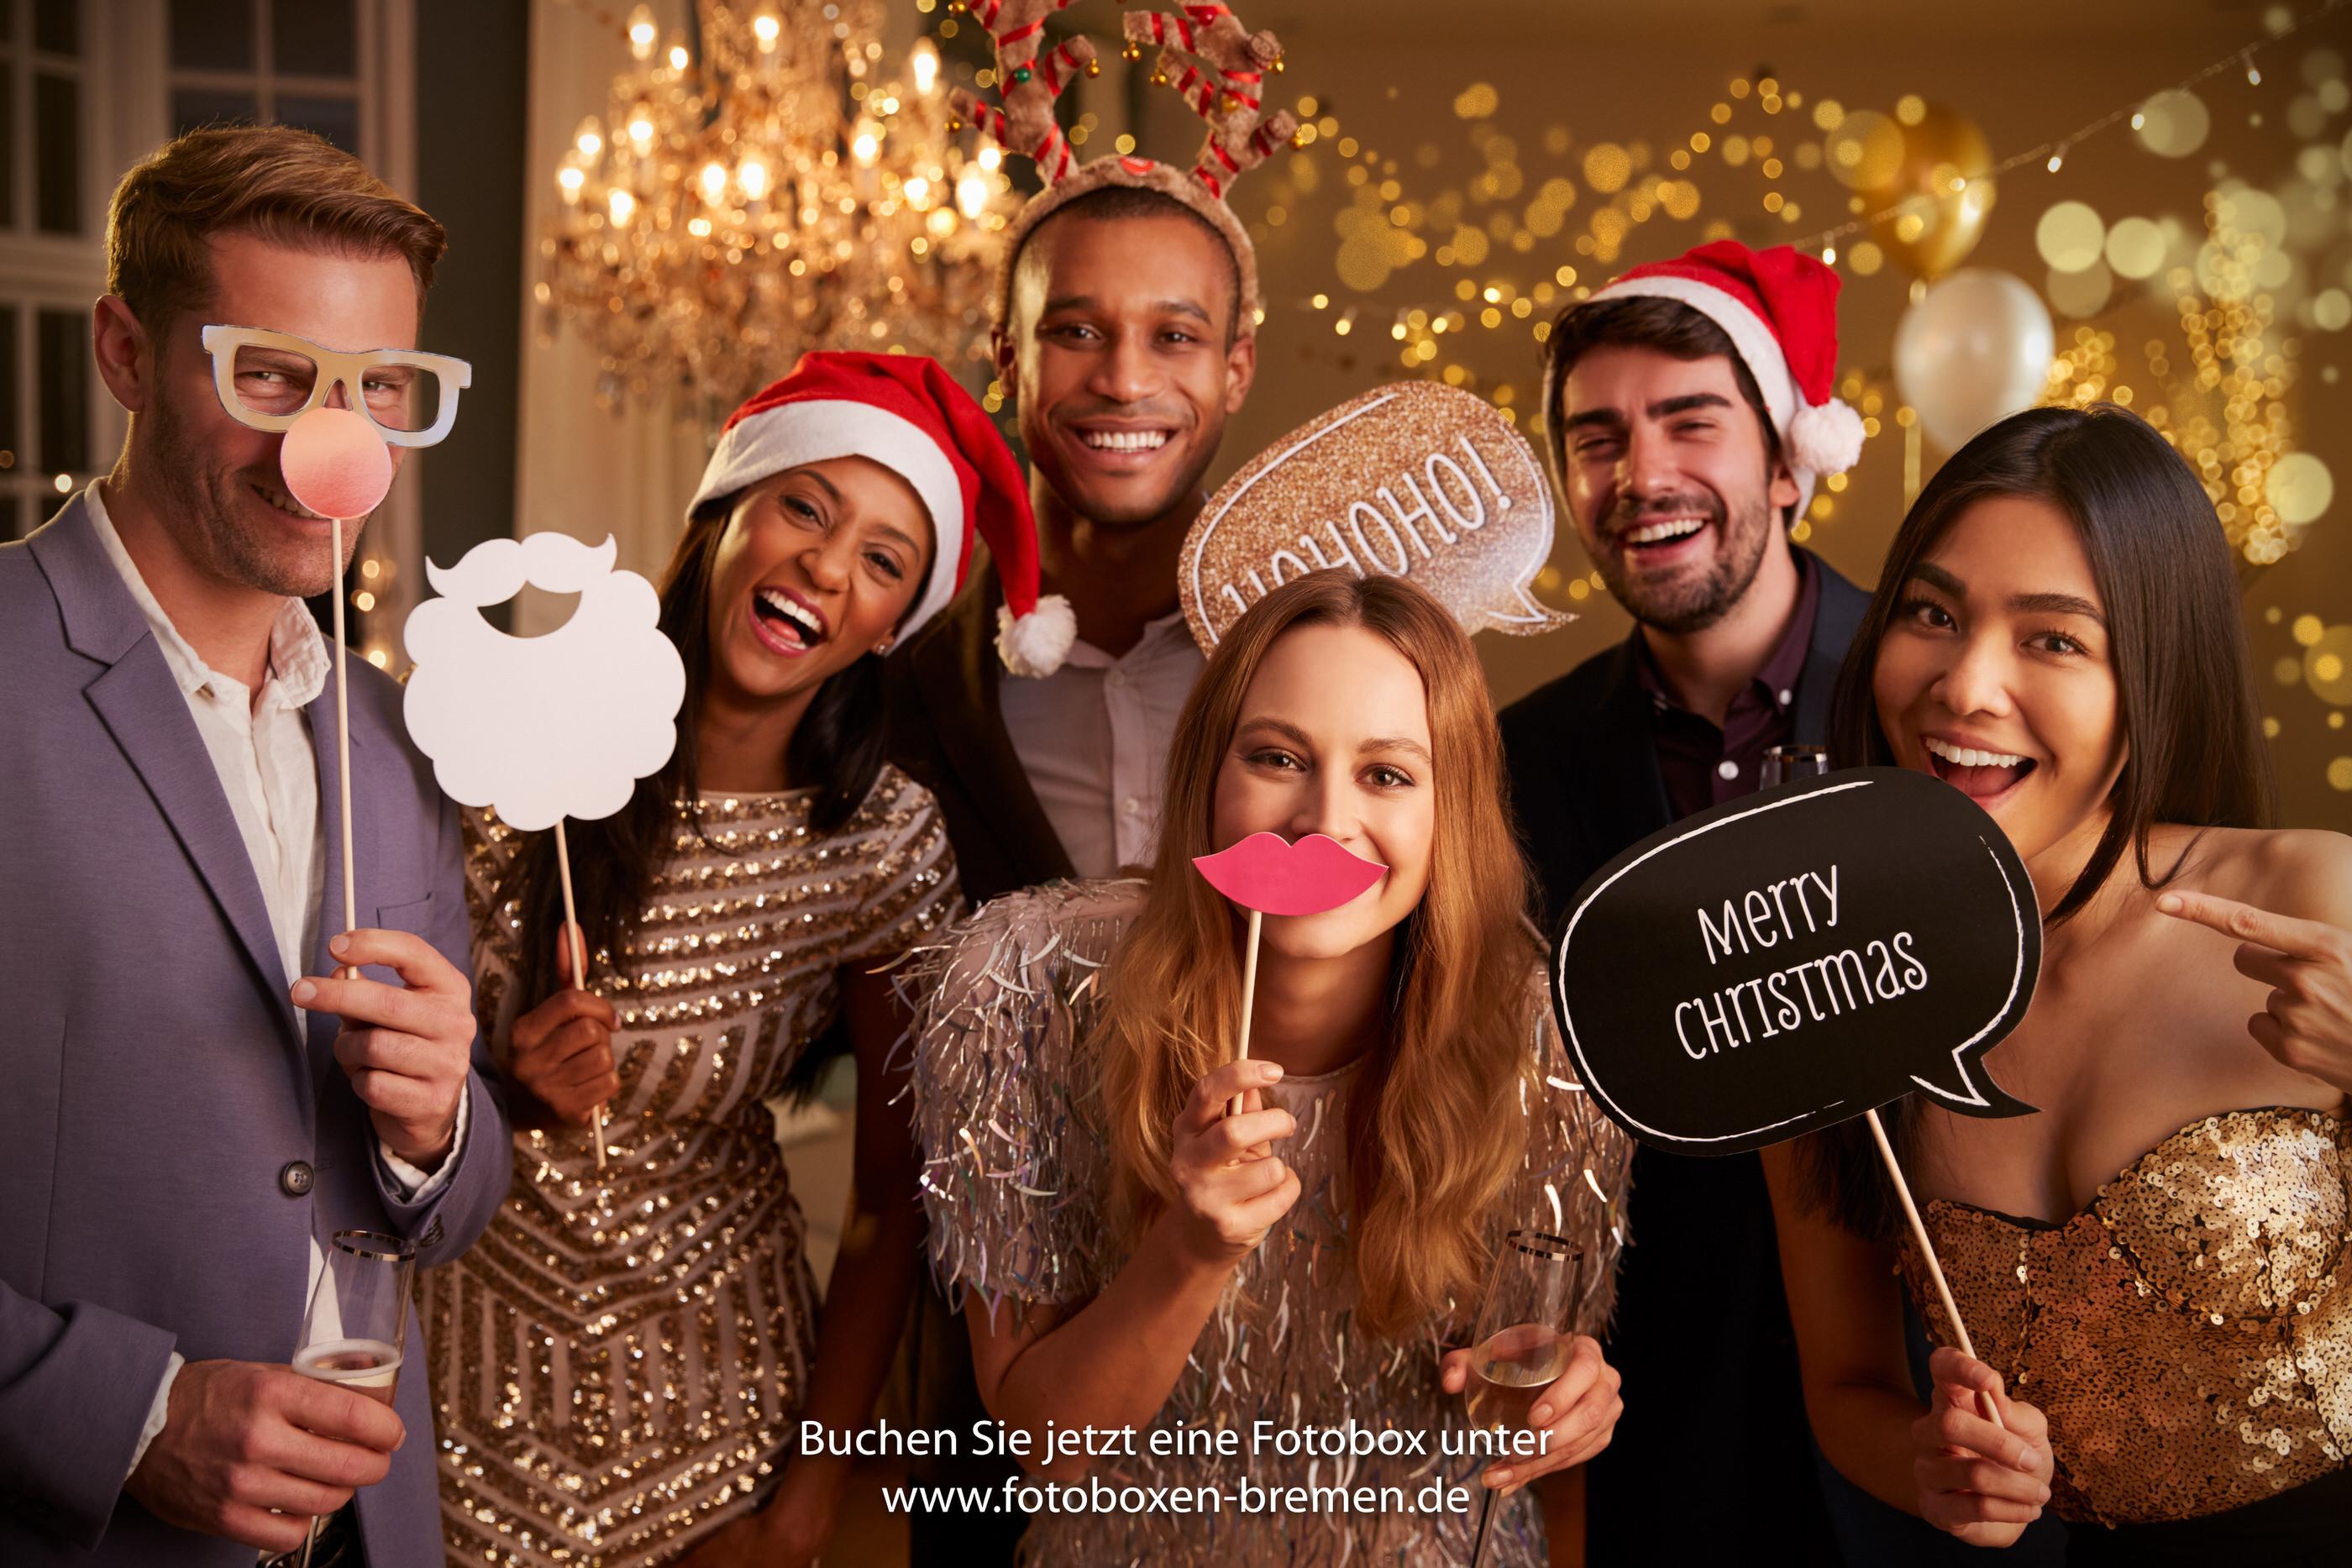 Fotobox für die Weihnachtsfeier